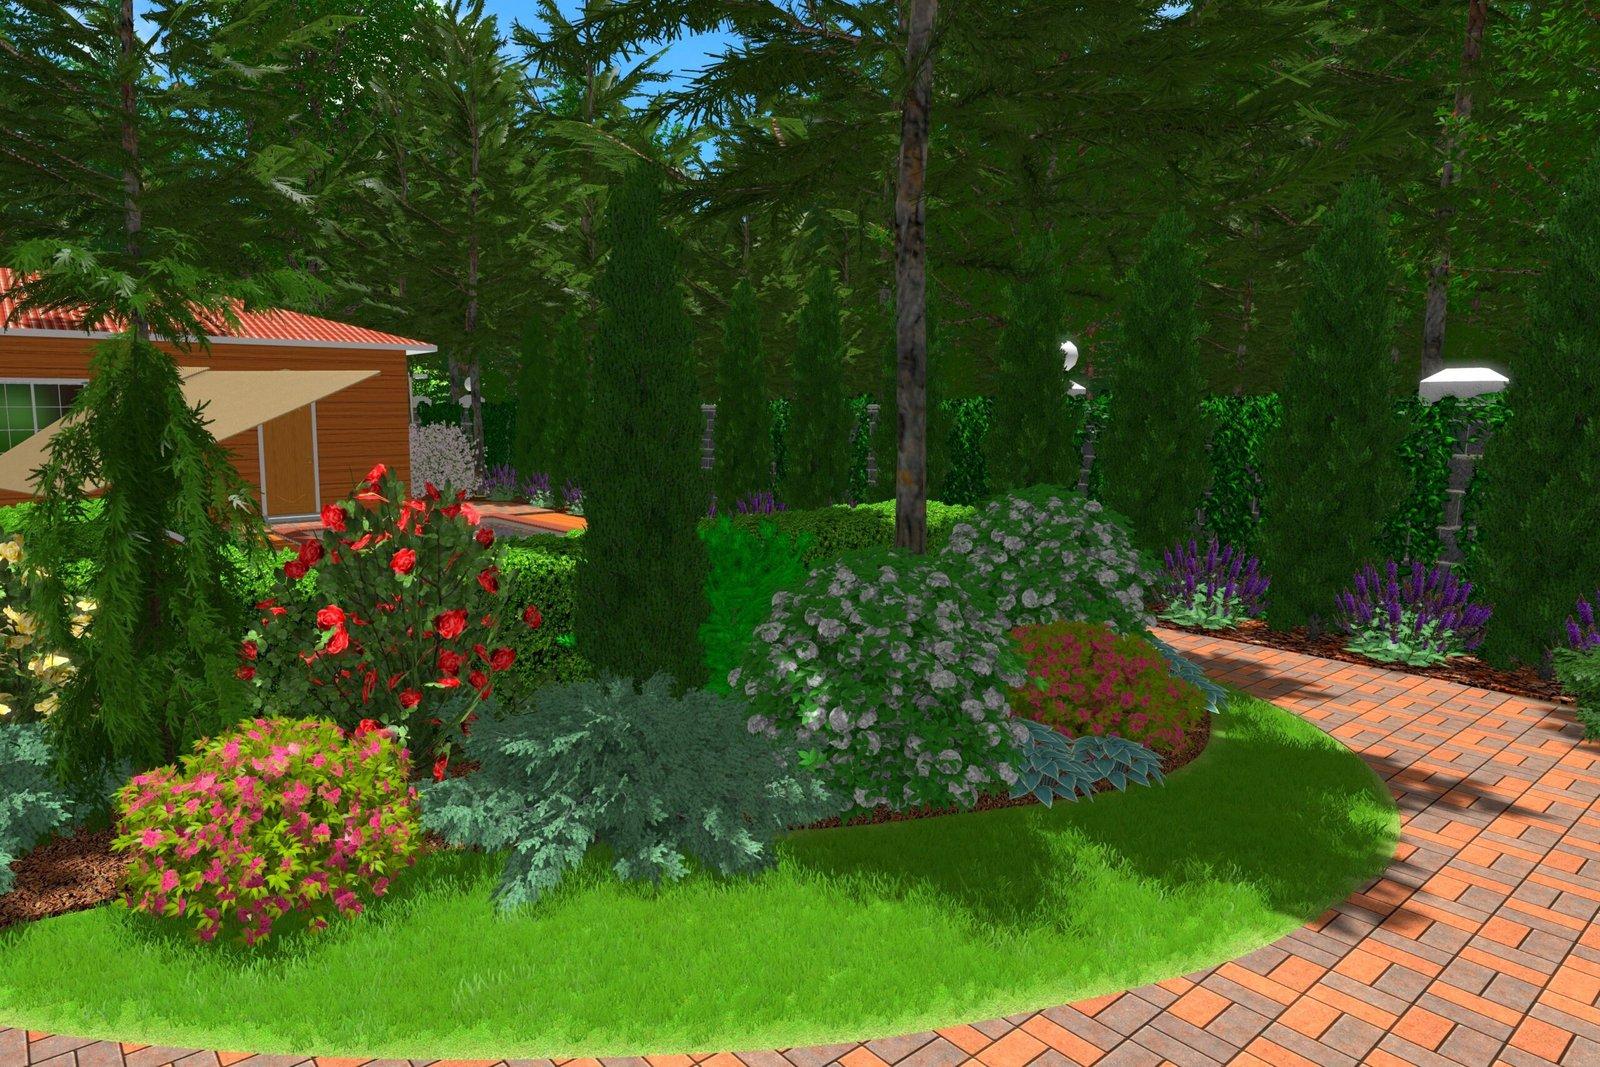 благоустройство и озеленение, Дизайнер ландшафтный, разработкой ландшафтного дизайна